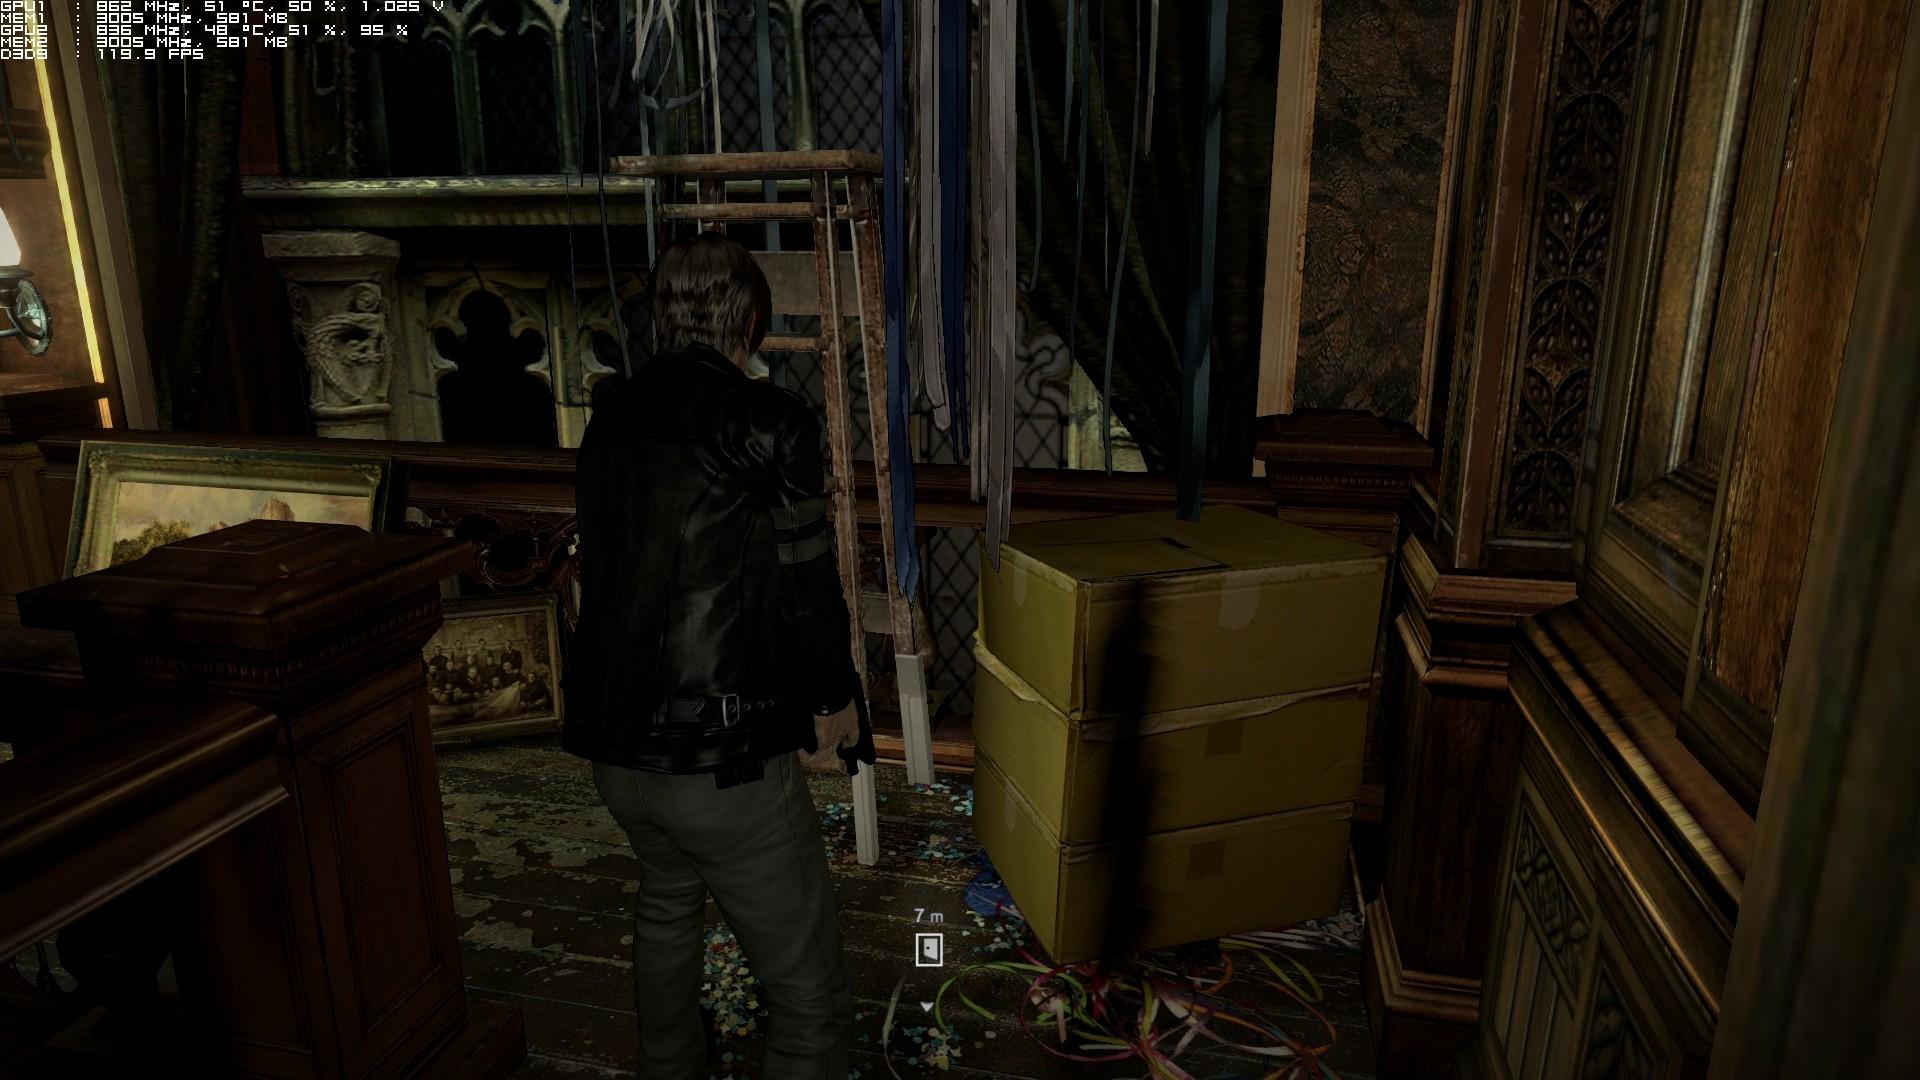 Resident Evil 6 - PC Performance Analysis - DSOGaming